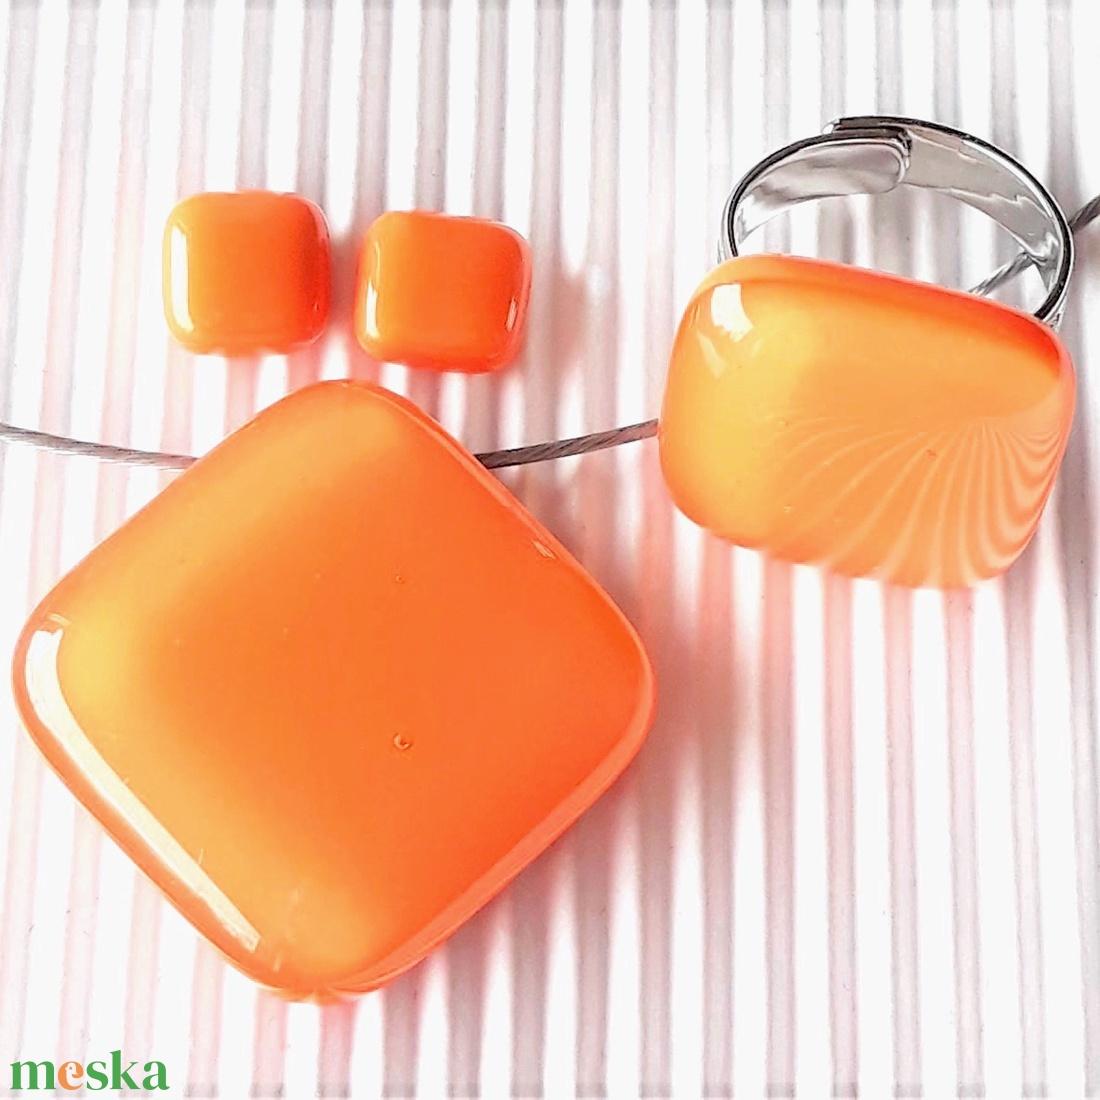 Selymes mandarin rombusz üveg medál, gyűrű és fülbevaló orvosi fém bedugón, üvegékszer szett - ékszer - ékszerszett - Meska.hu